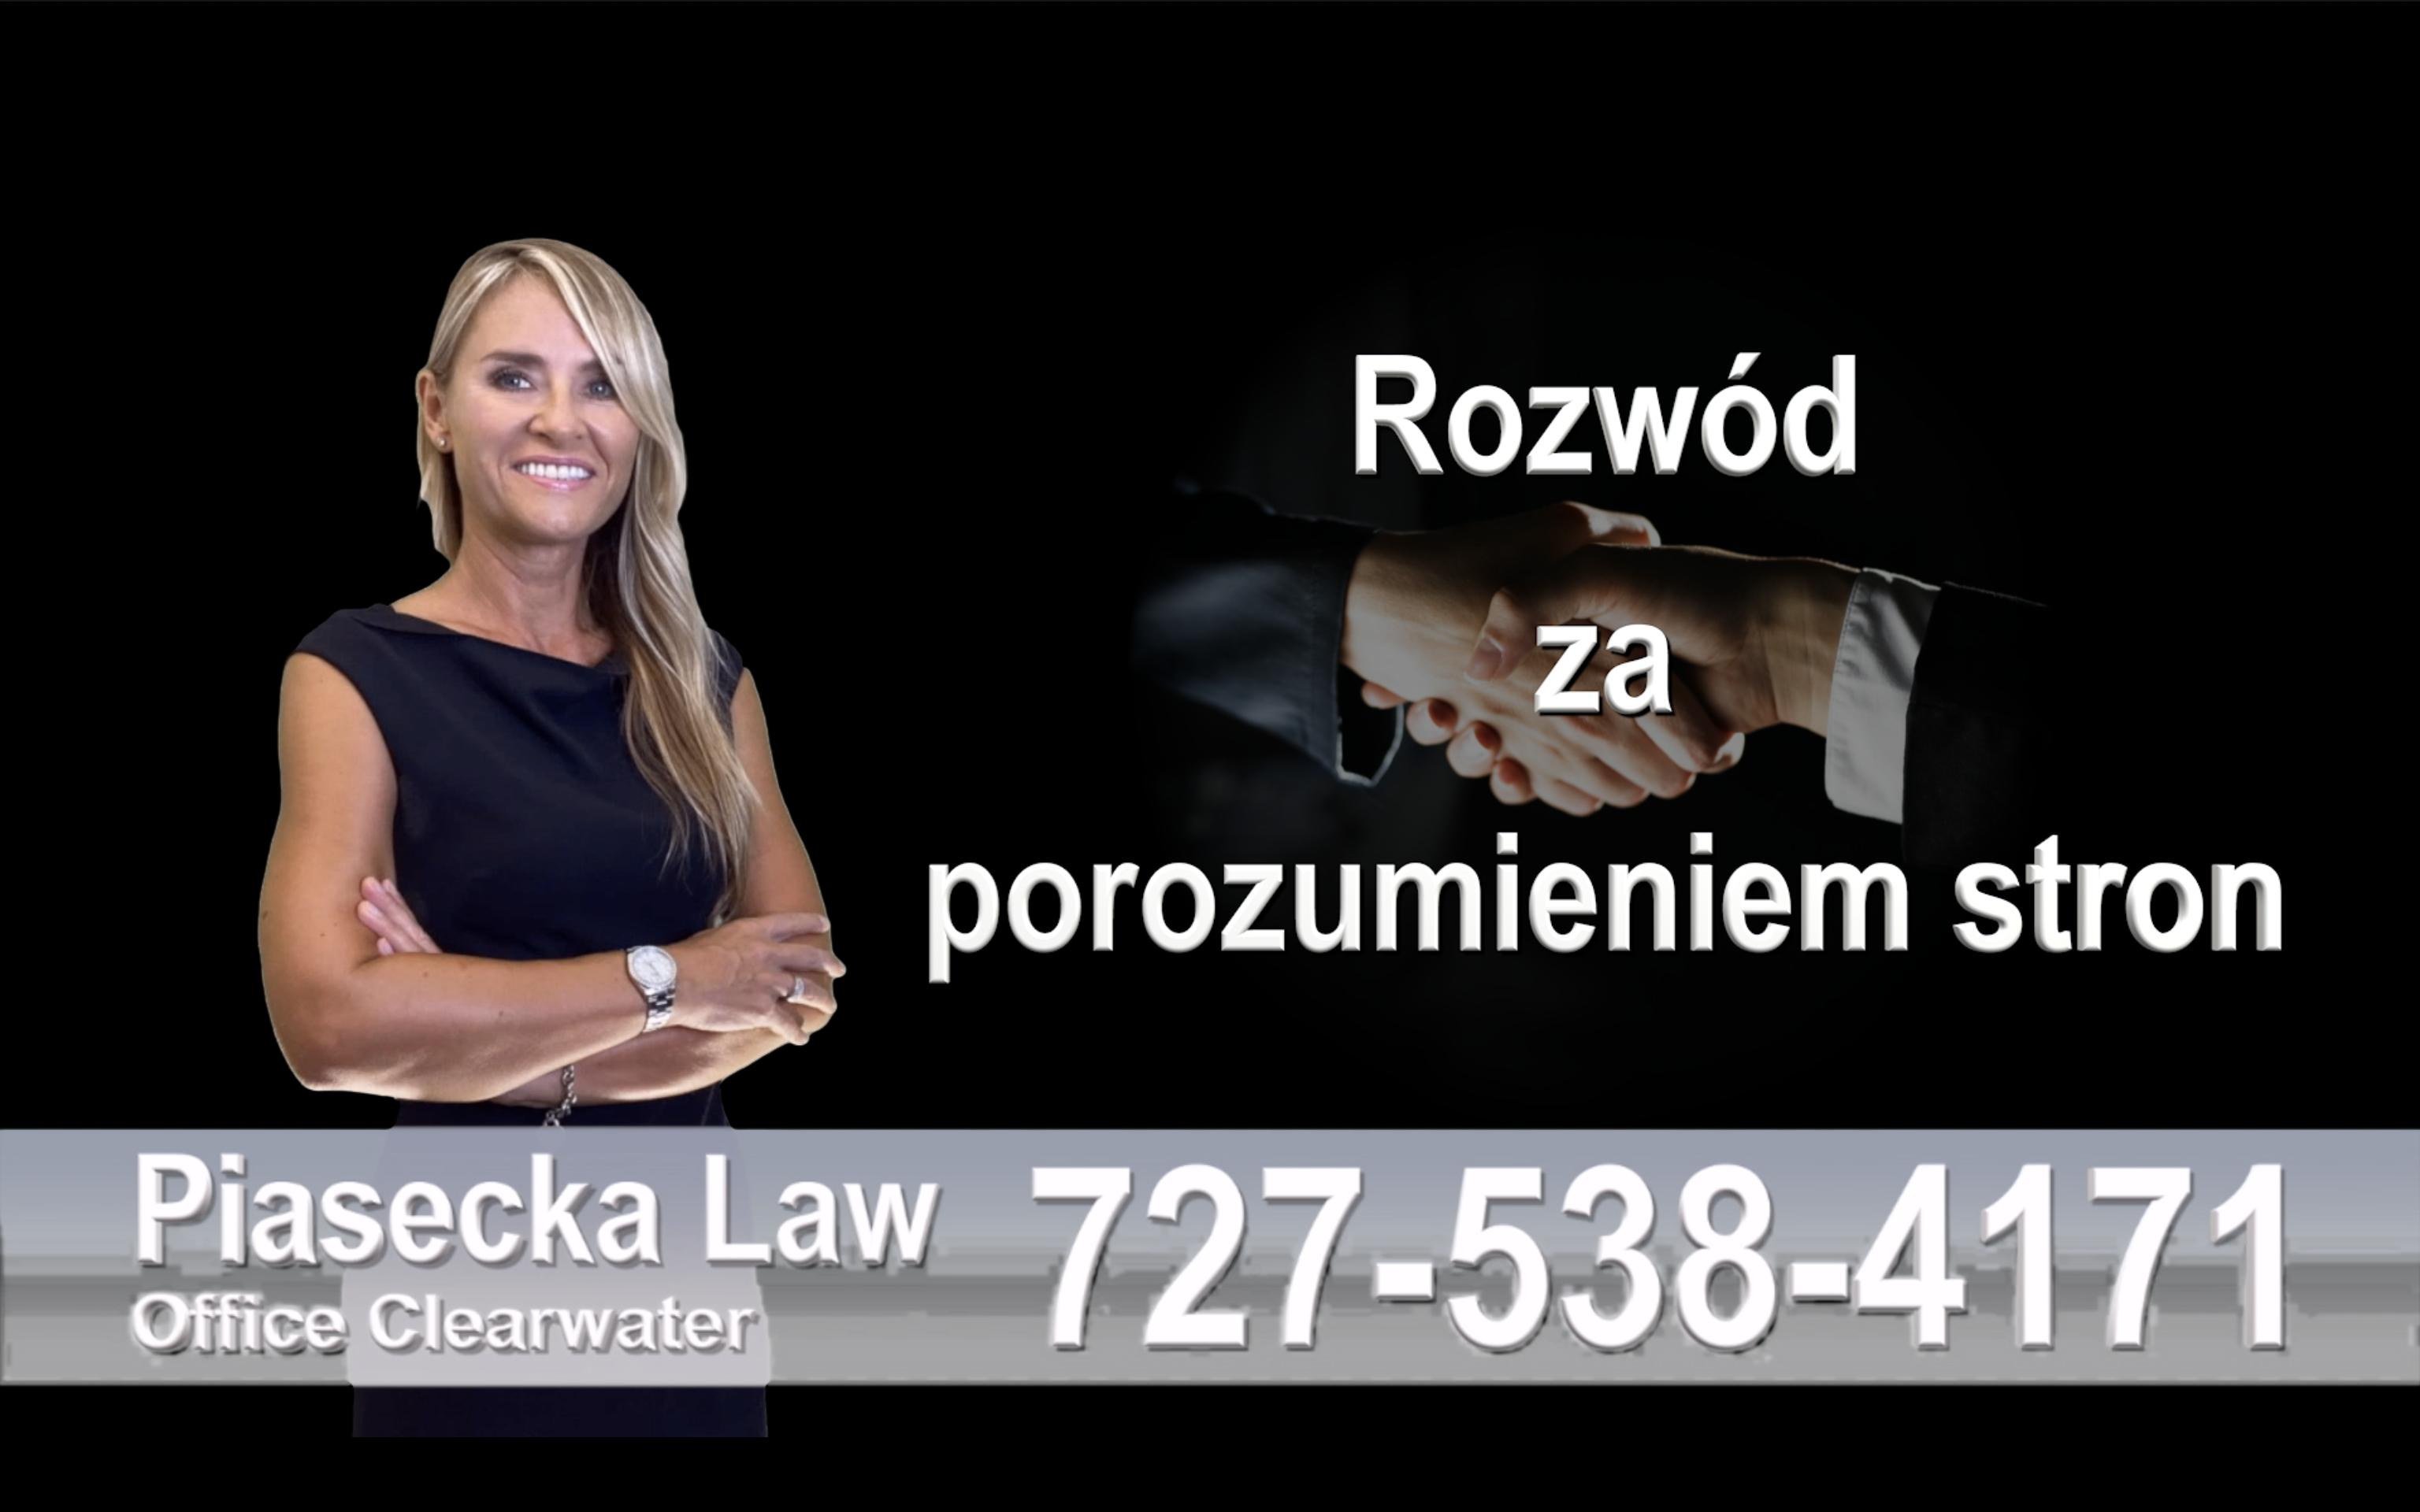 Attorney, Agnieszka Piasecka, can help you with: Family Law, Divorce, Collaborative Divorce, Adoptions, Injunctions / Prawo Rodzinne, Rozwody, Rozwód za porozumieniem stron, Opieka nad dziećmi, Alimenty, Adopcje, Zakaz zbliżania się